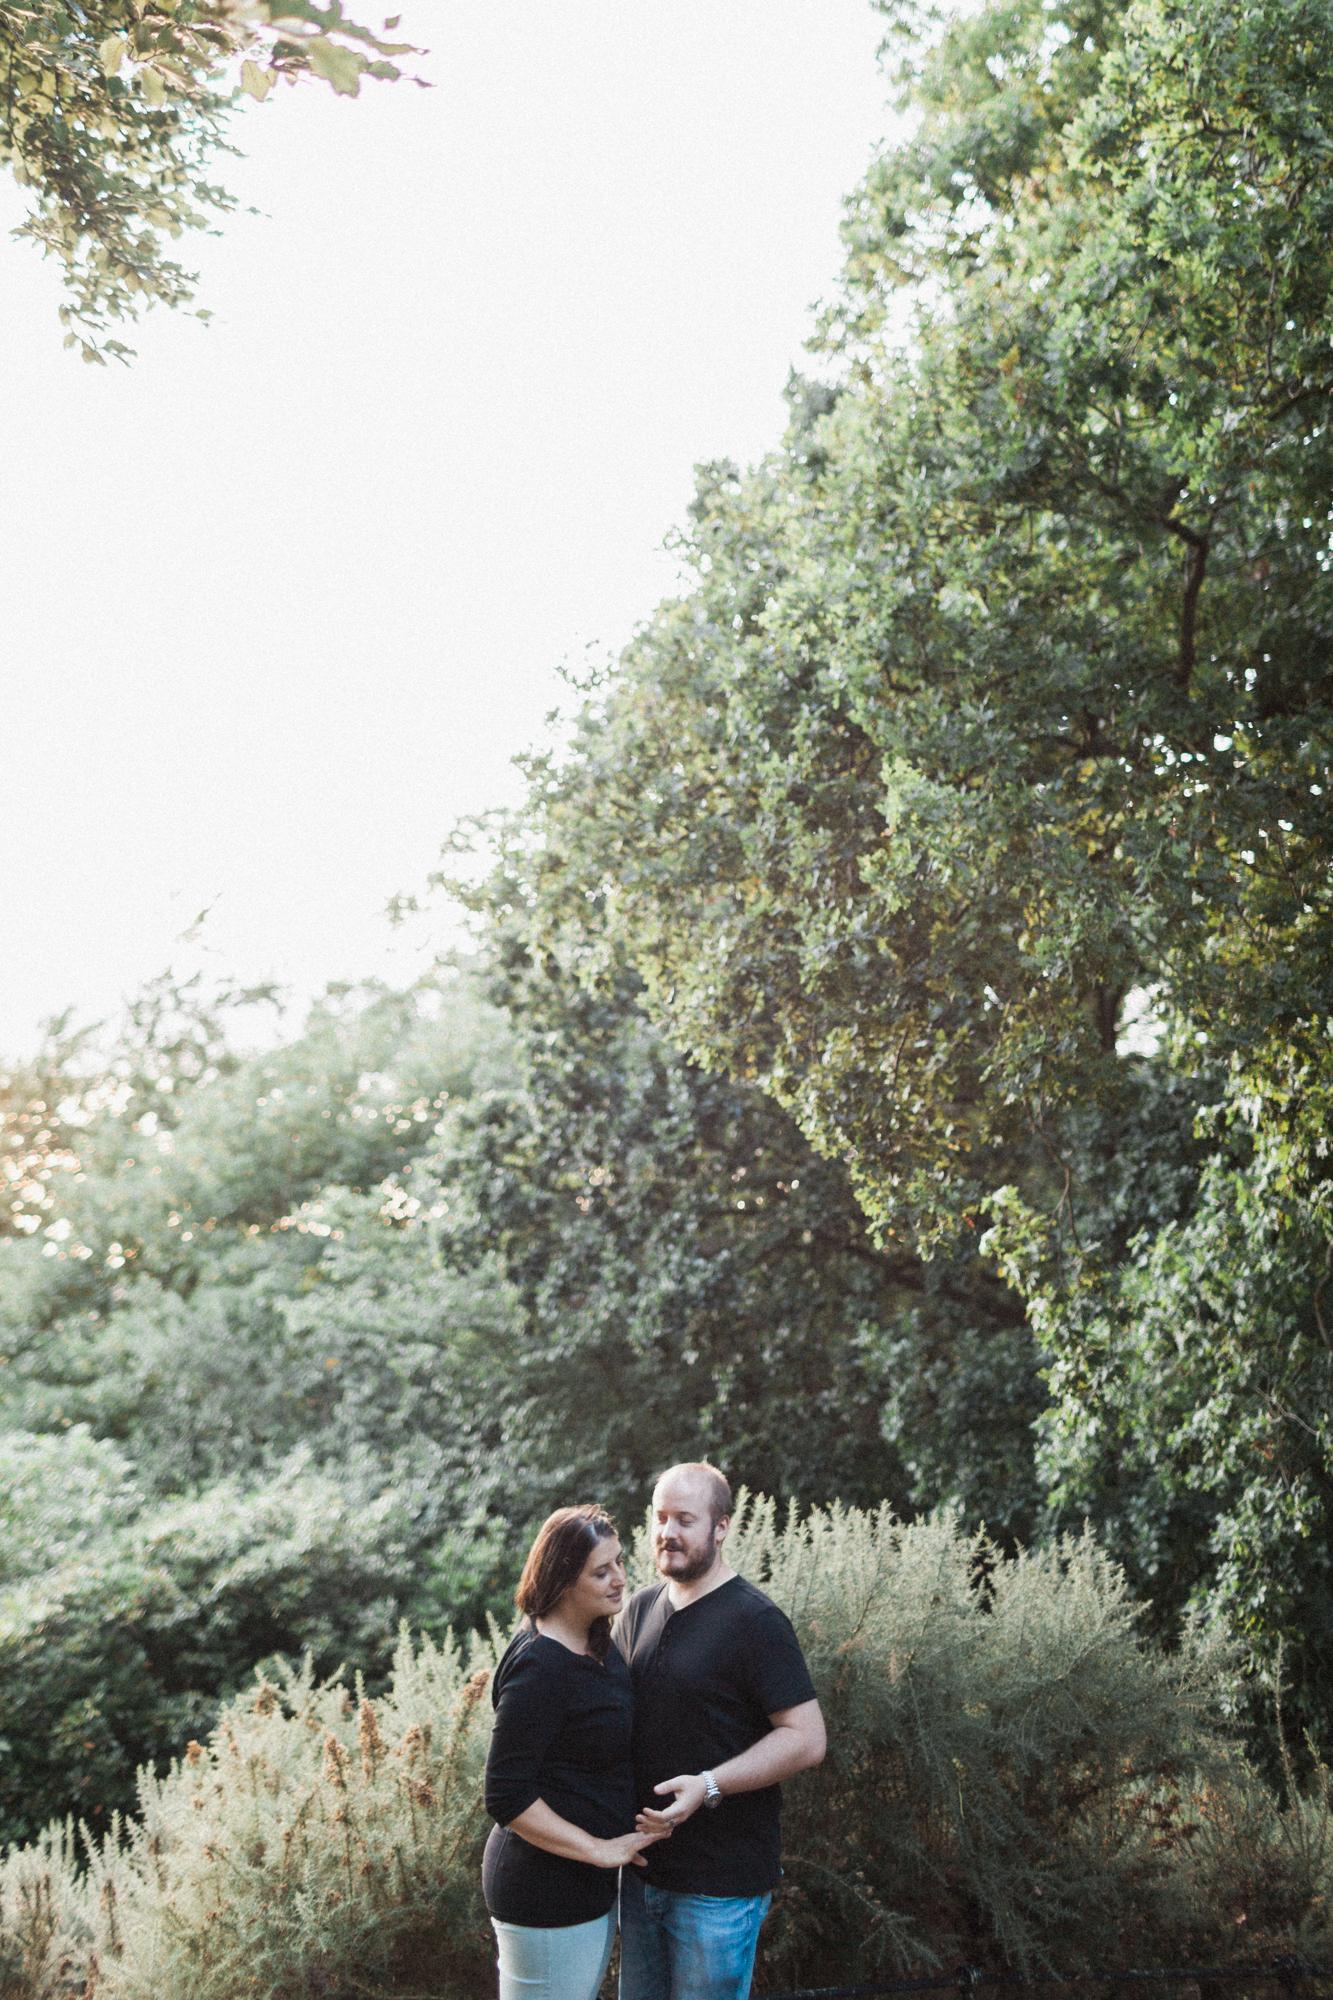 lovecandice-rob-stacey-richmond-park-0990.jpg